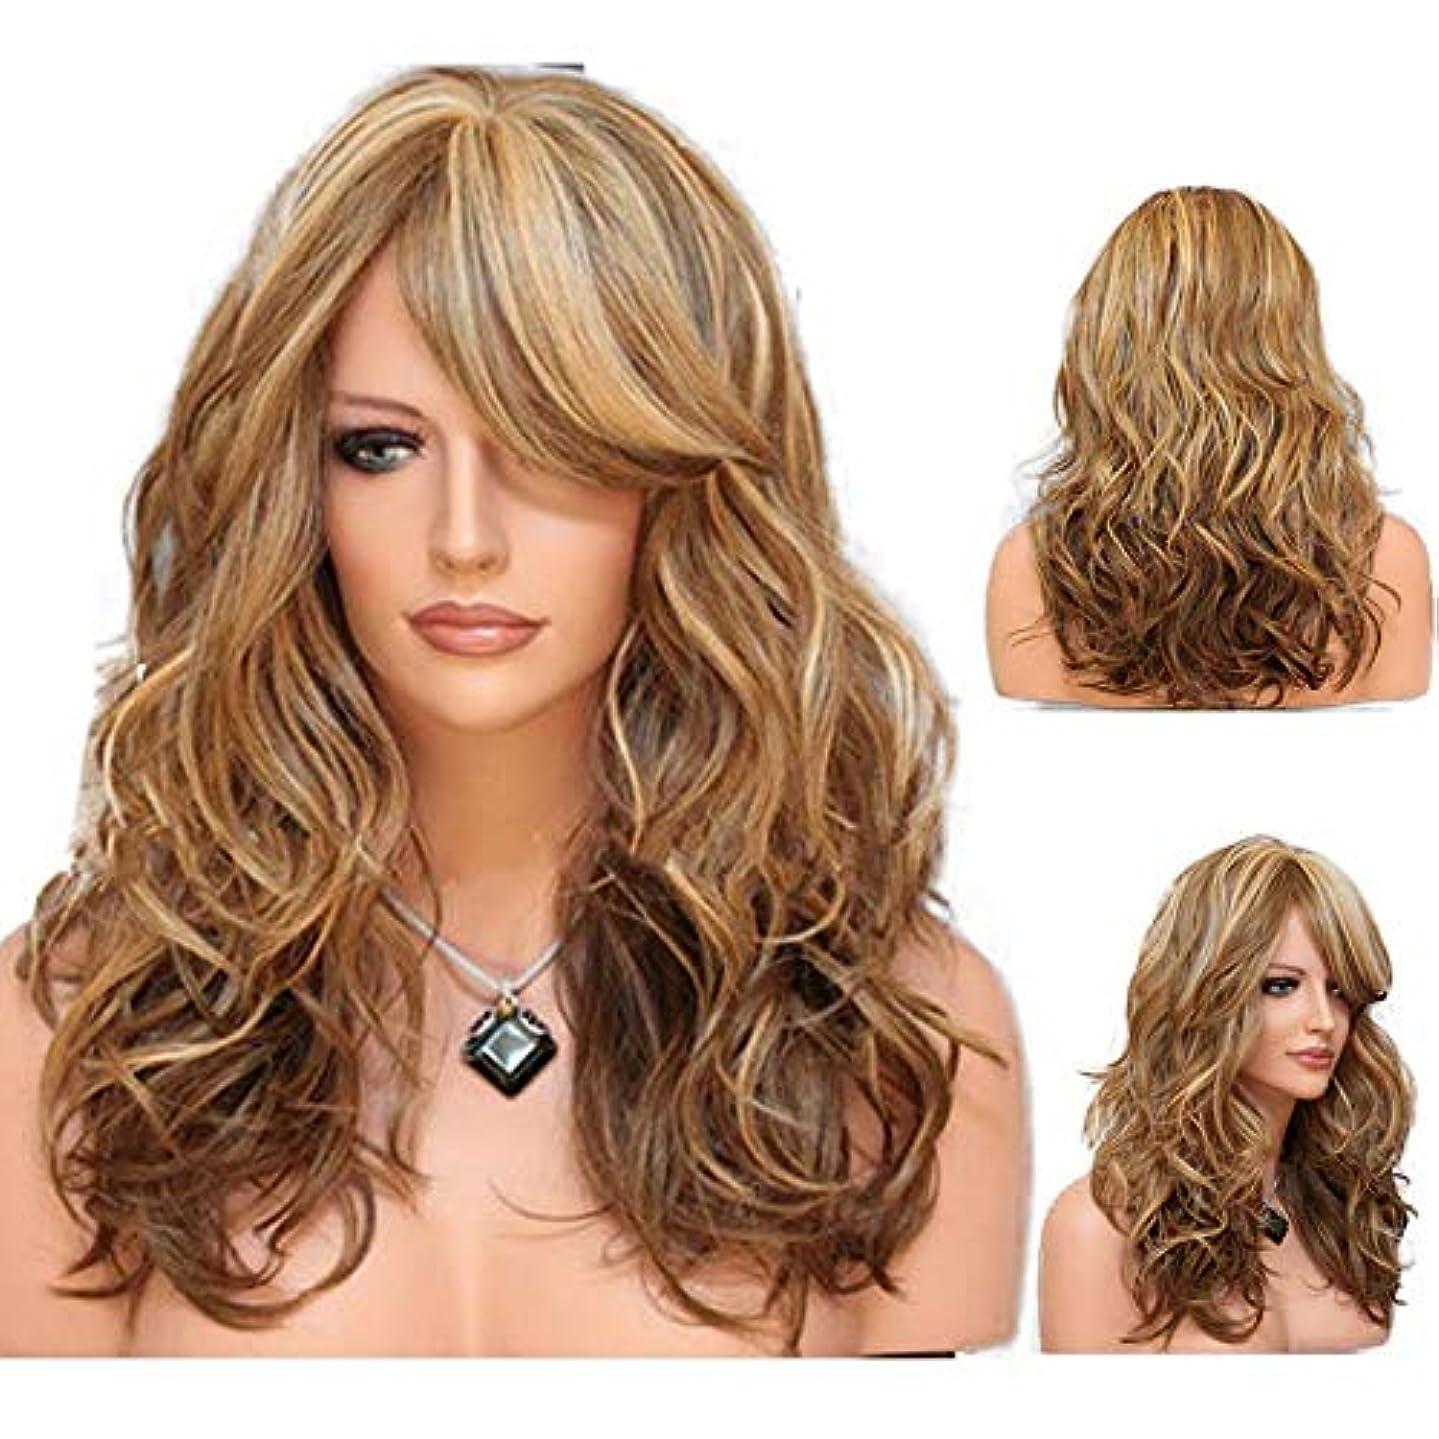 テンポ州教育学女性の長い巻き毛の波状髪のかつら24インチ魅力的な熱にやさしい人工毛交換かつらハロウィンコスプレ衣装アニメパーティーかつら(かつらキャップ付き) (Color : Brown)